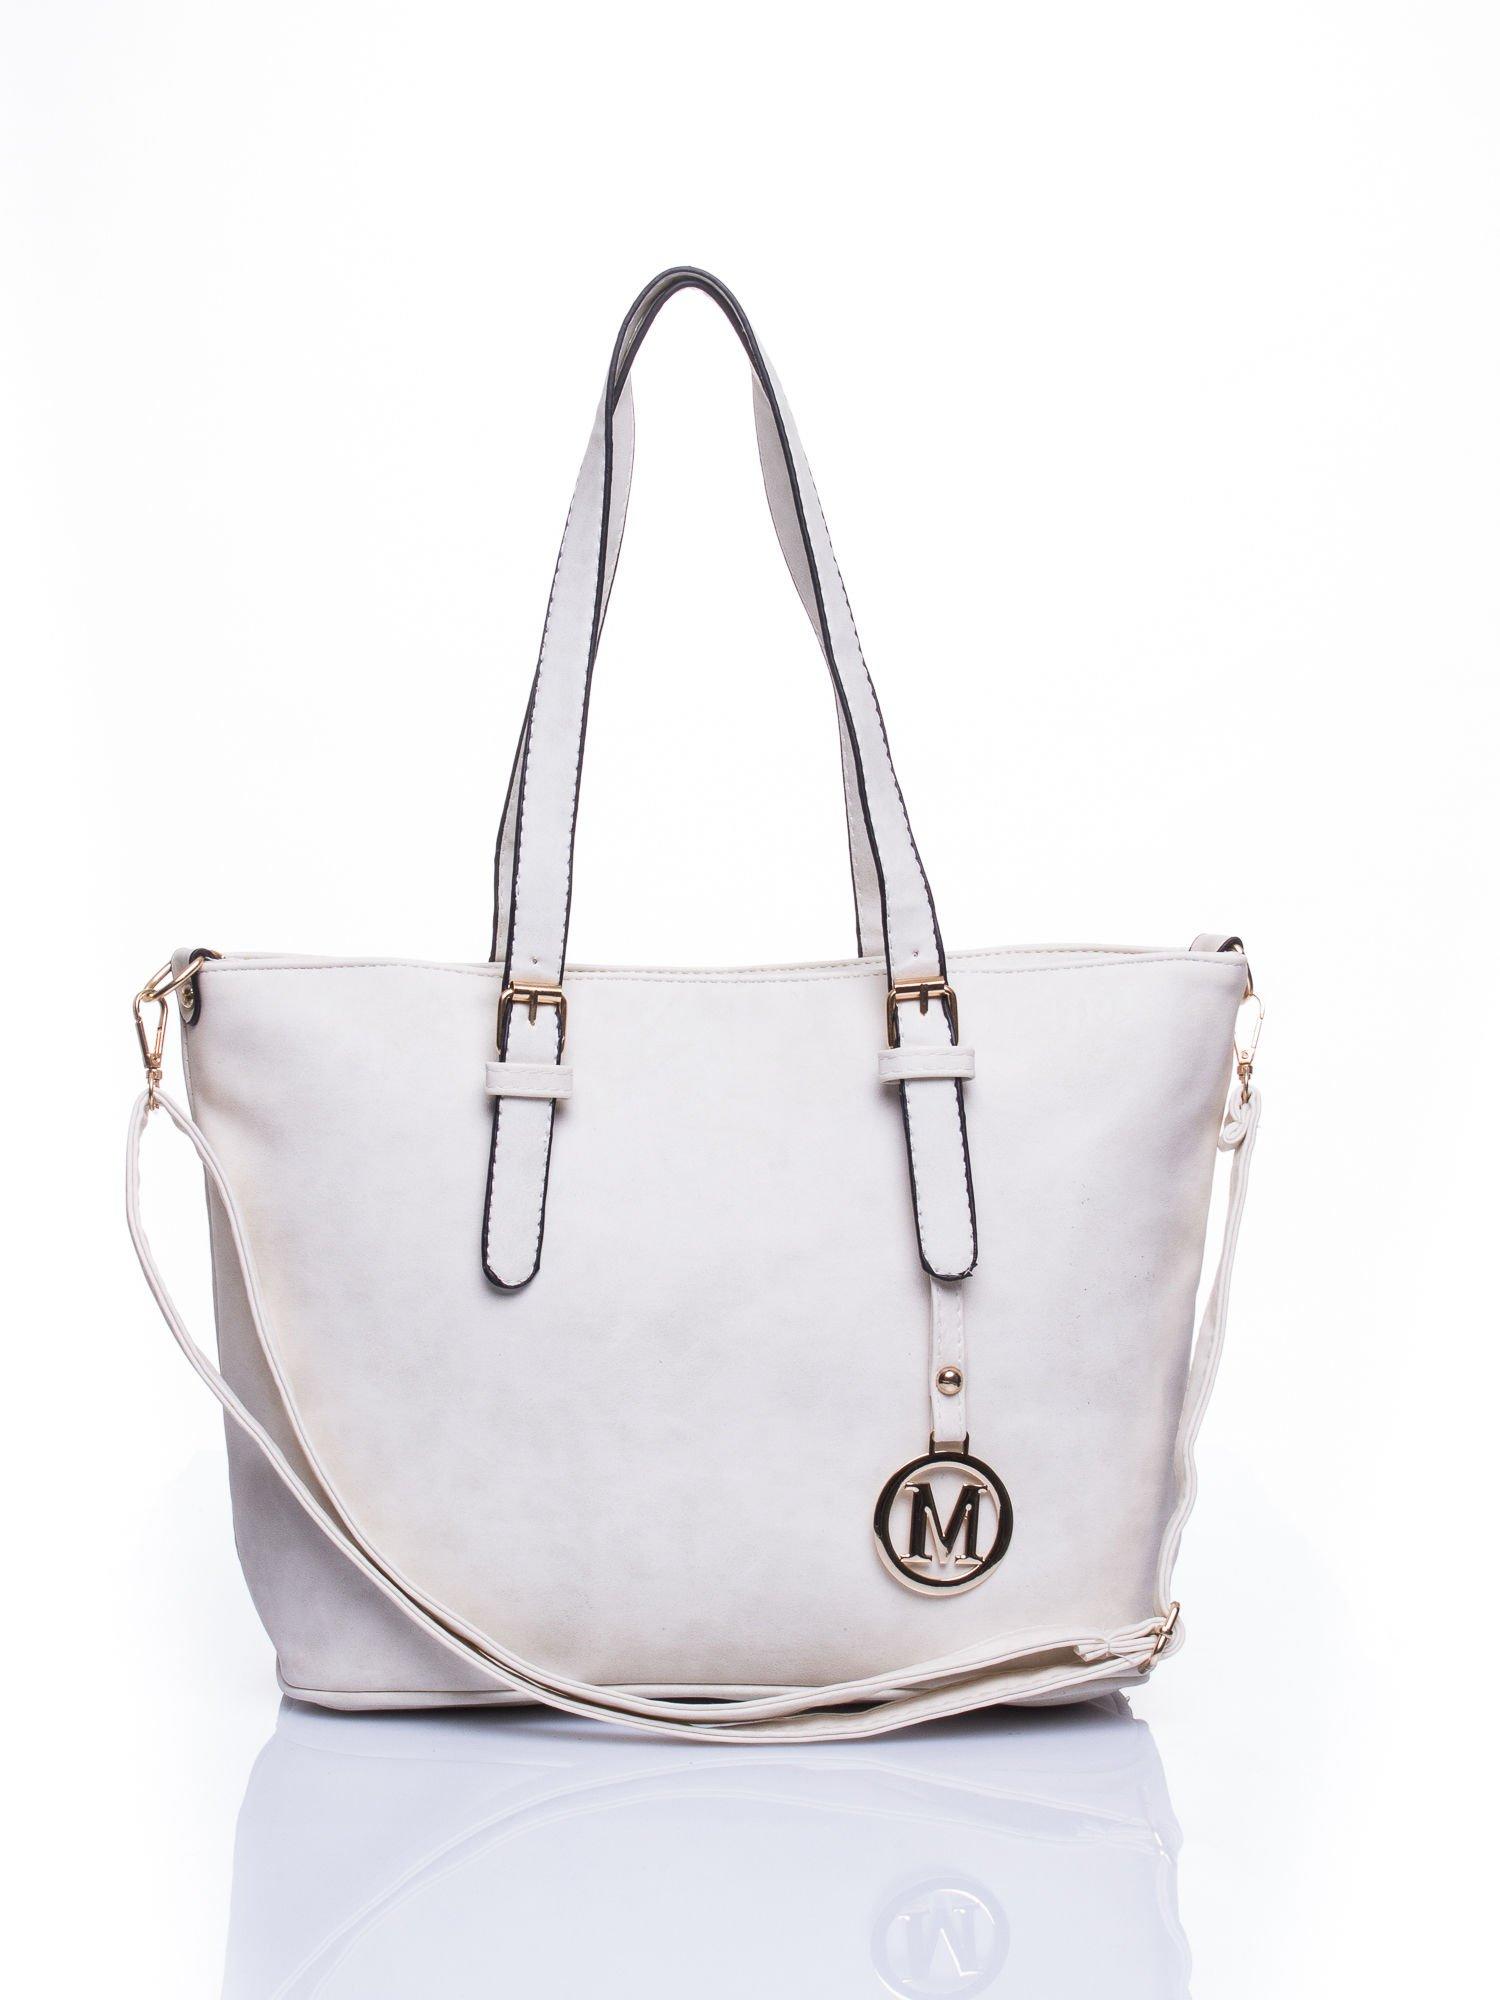 Ecru torba shopper bag z zawieszką                                  zdj.                                  1